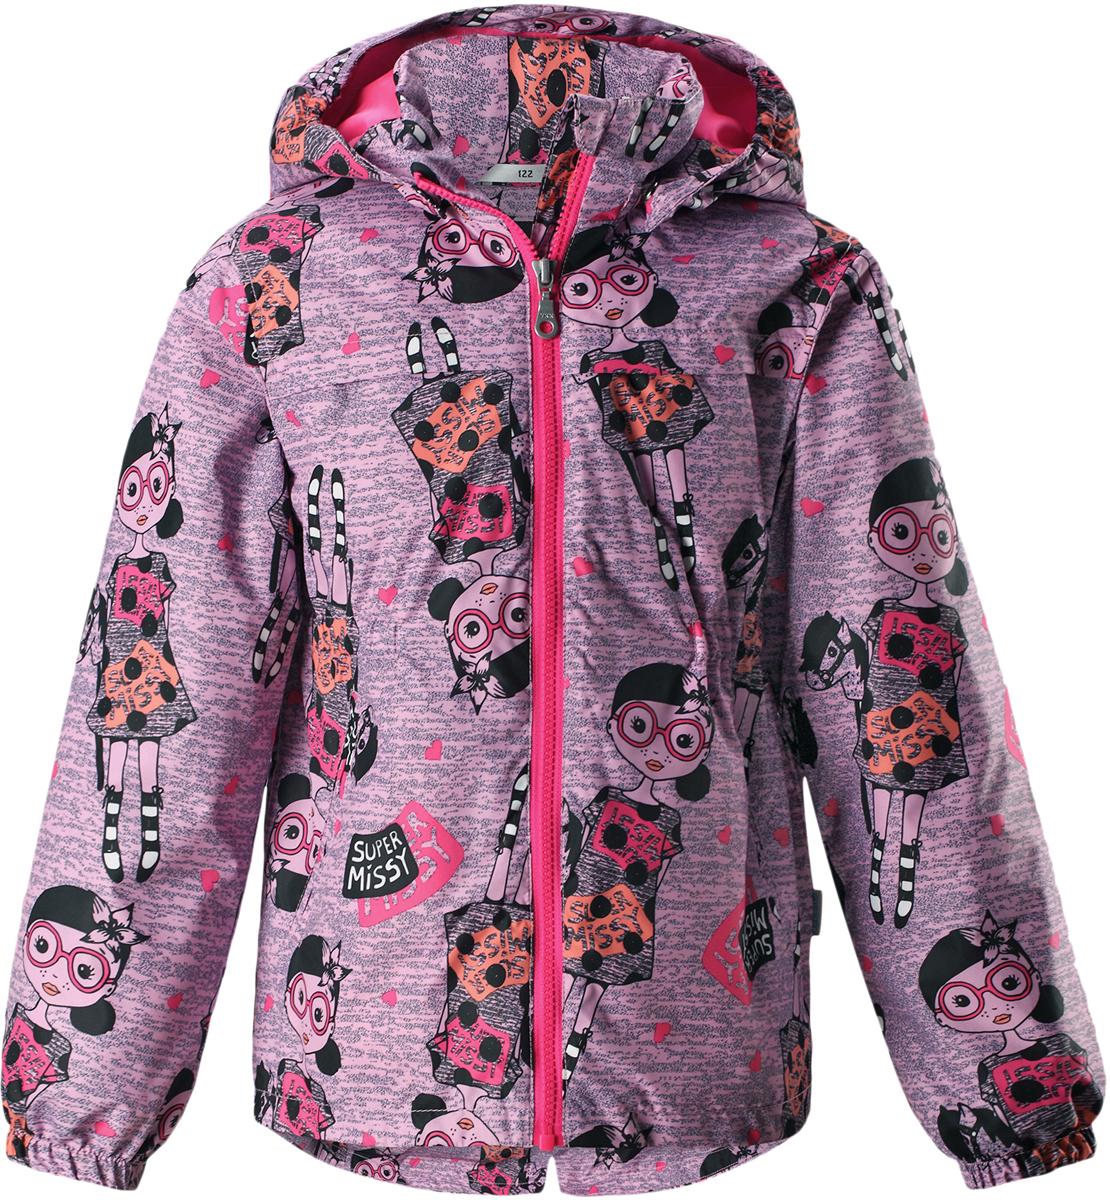 Куртка для девочки Lassie, цвет: розовый. 721724R4161. Размер 116721724R4161Детская куртка Lassie идеально подойдет для ребенка в холодное время года. Куртка изготовлена из водоотталкивающей и ветрозащитной ткани. Материал отличается высокой устойчивостью к трению, благодаря специальной обработке полиуретаном поверхность изделия отталкивает грязь и воду, что облегчает поддержание аккуратного вида одежды, дышащее покрытие с изнаночной части не раздражает даже самую нежную и чувствительную кожу ребенка, обеспечивая ему наибольший комфорт. Куртка застегивается на пластиковую застежку-молнию с защитой подбородка, благодаря чему ее легко надевать и снимать. Края рукавов дополнены неширокими эластичными манжетами. Спереди куртка дополнена двумя прорезными кармашками. Также модель дополнена светоотражающими элементами для безопасности в темное время суток. Все швы проклеены, не пропускают влагу и ветер.